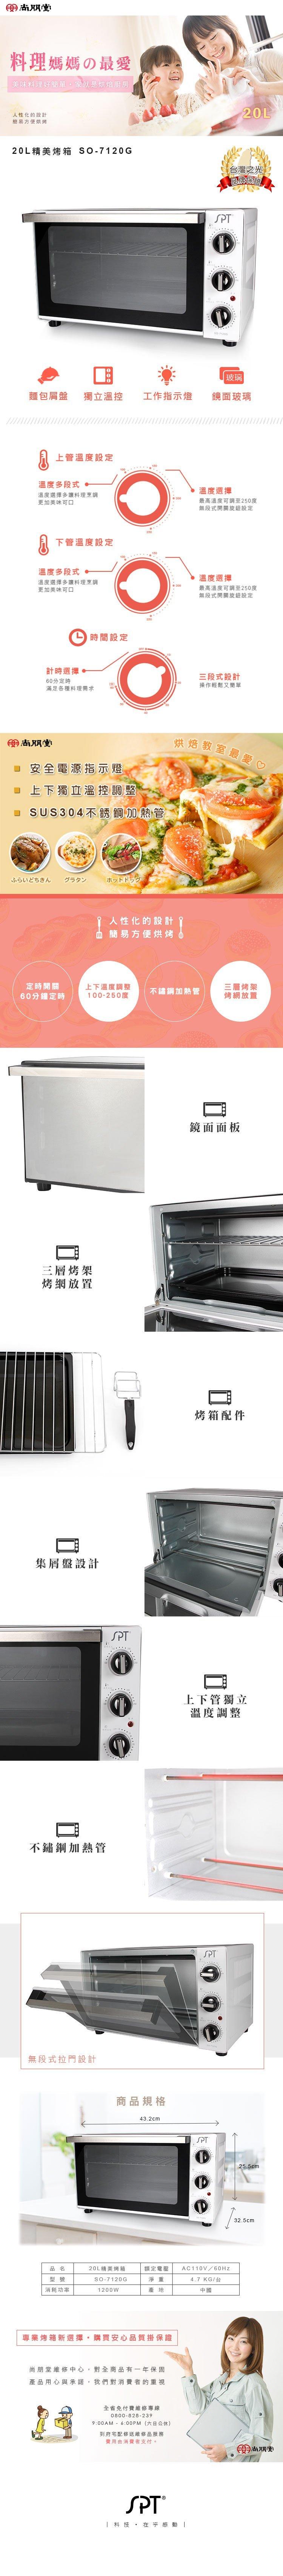 尚朋堂 20L 雙溫控電烤箱SO-7120G